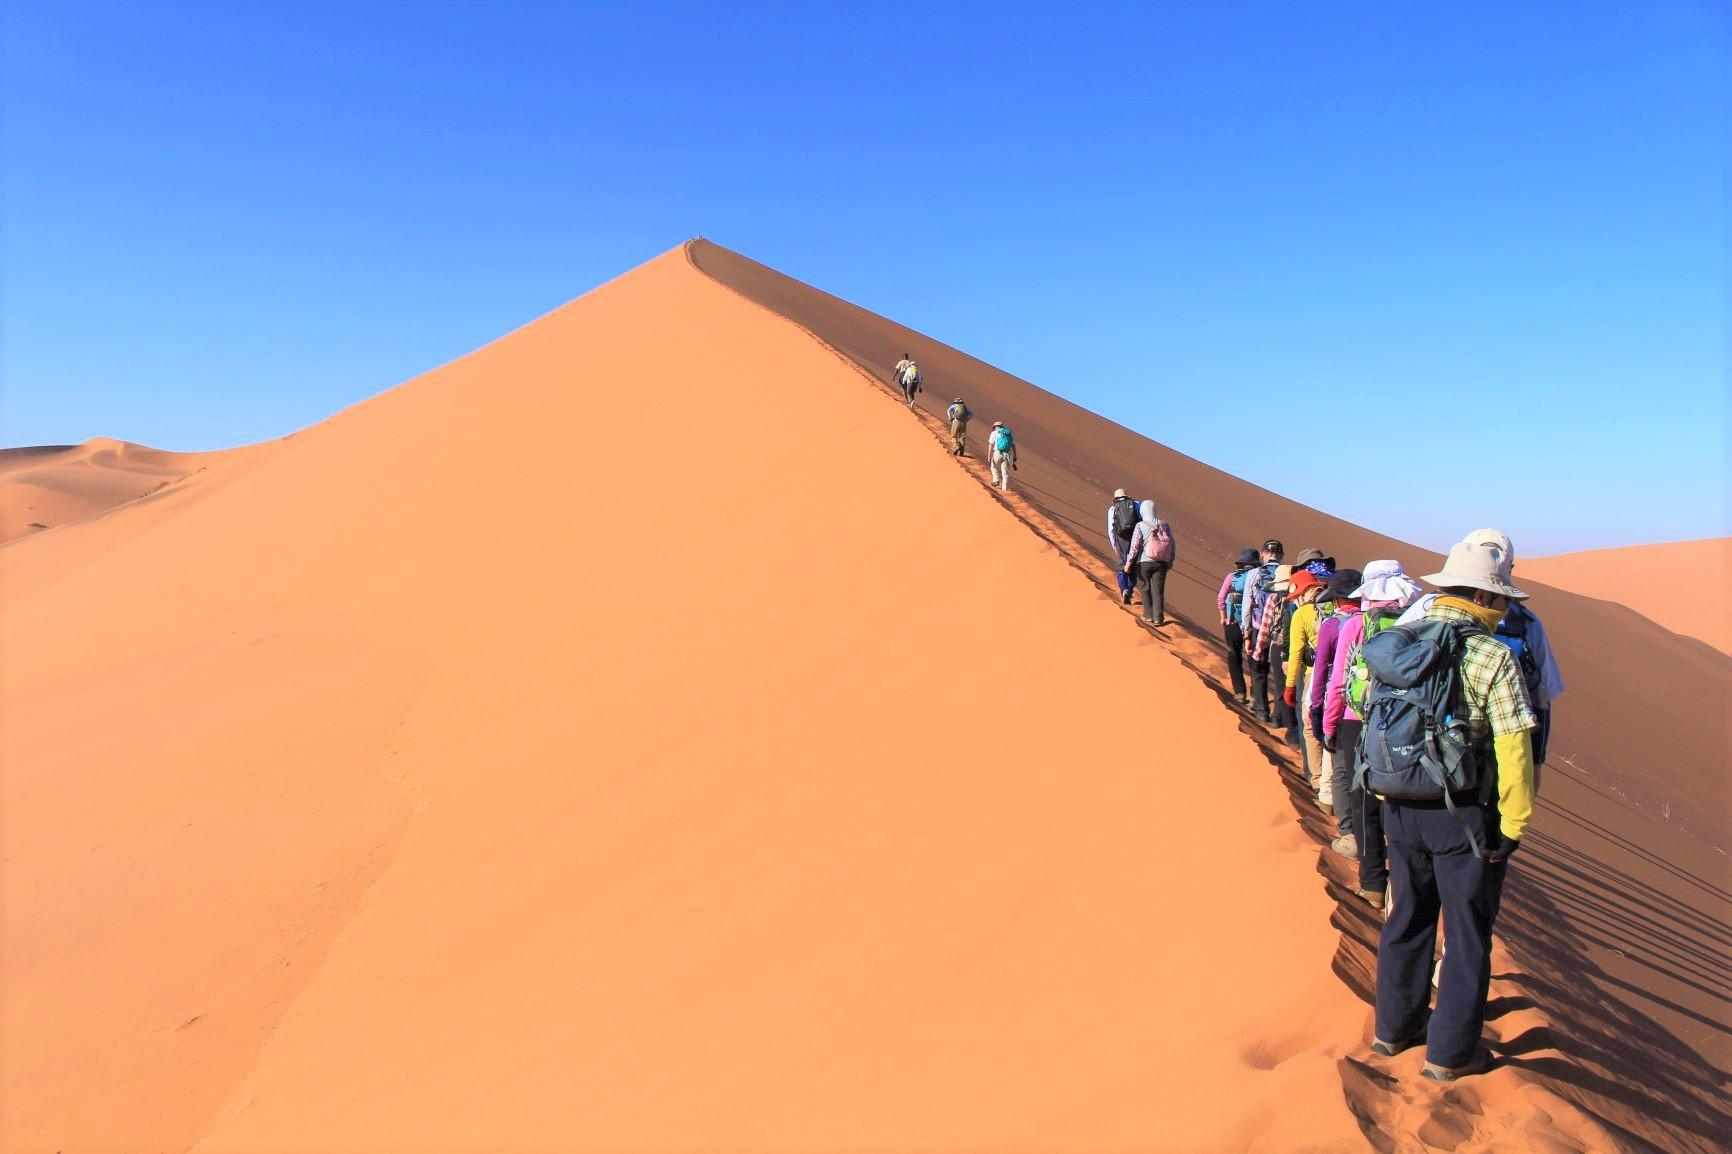 【催行間近・大募集中】11月8日出発 南部アフリカ2つの世界自然遺産ナミブ砂漠とケープ半島ハイキング 10日間